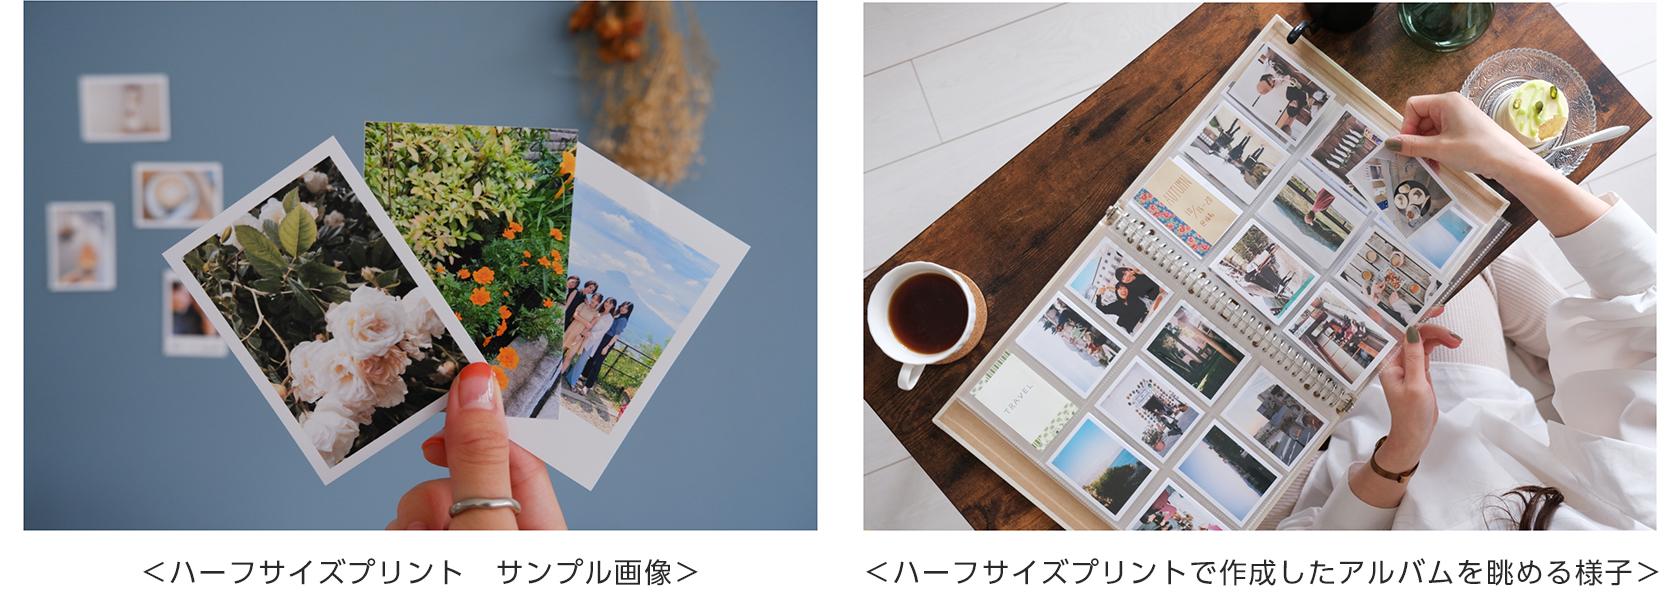 [画像]ハーフサイズプリント サンプル画像/ハーフサイズプリントで作成したアルバムを眺める様子